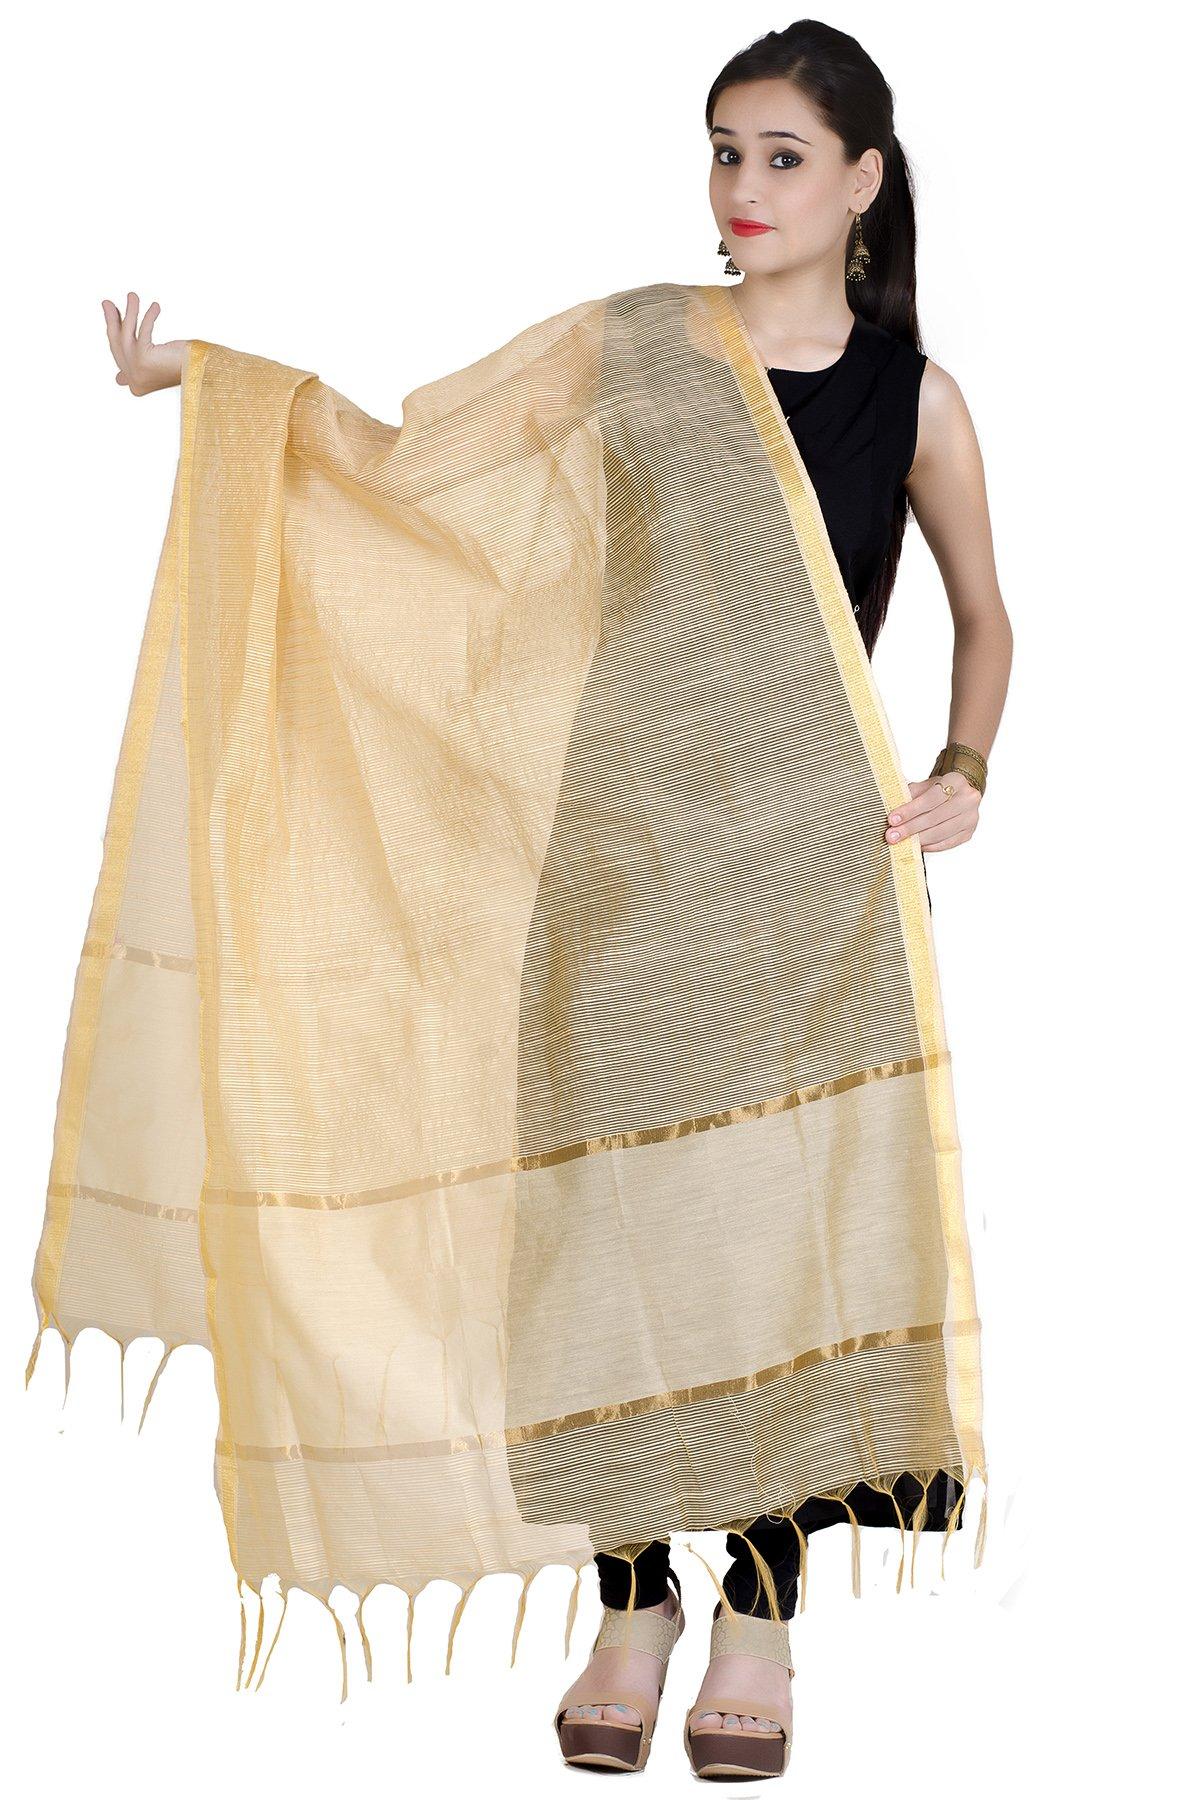 Chandrakala Women's Chanderi Zari Work Banarasi Dupatta(Beige)